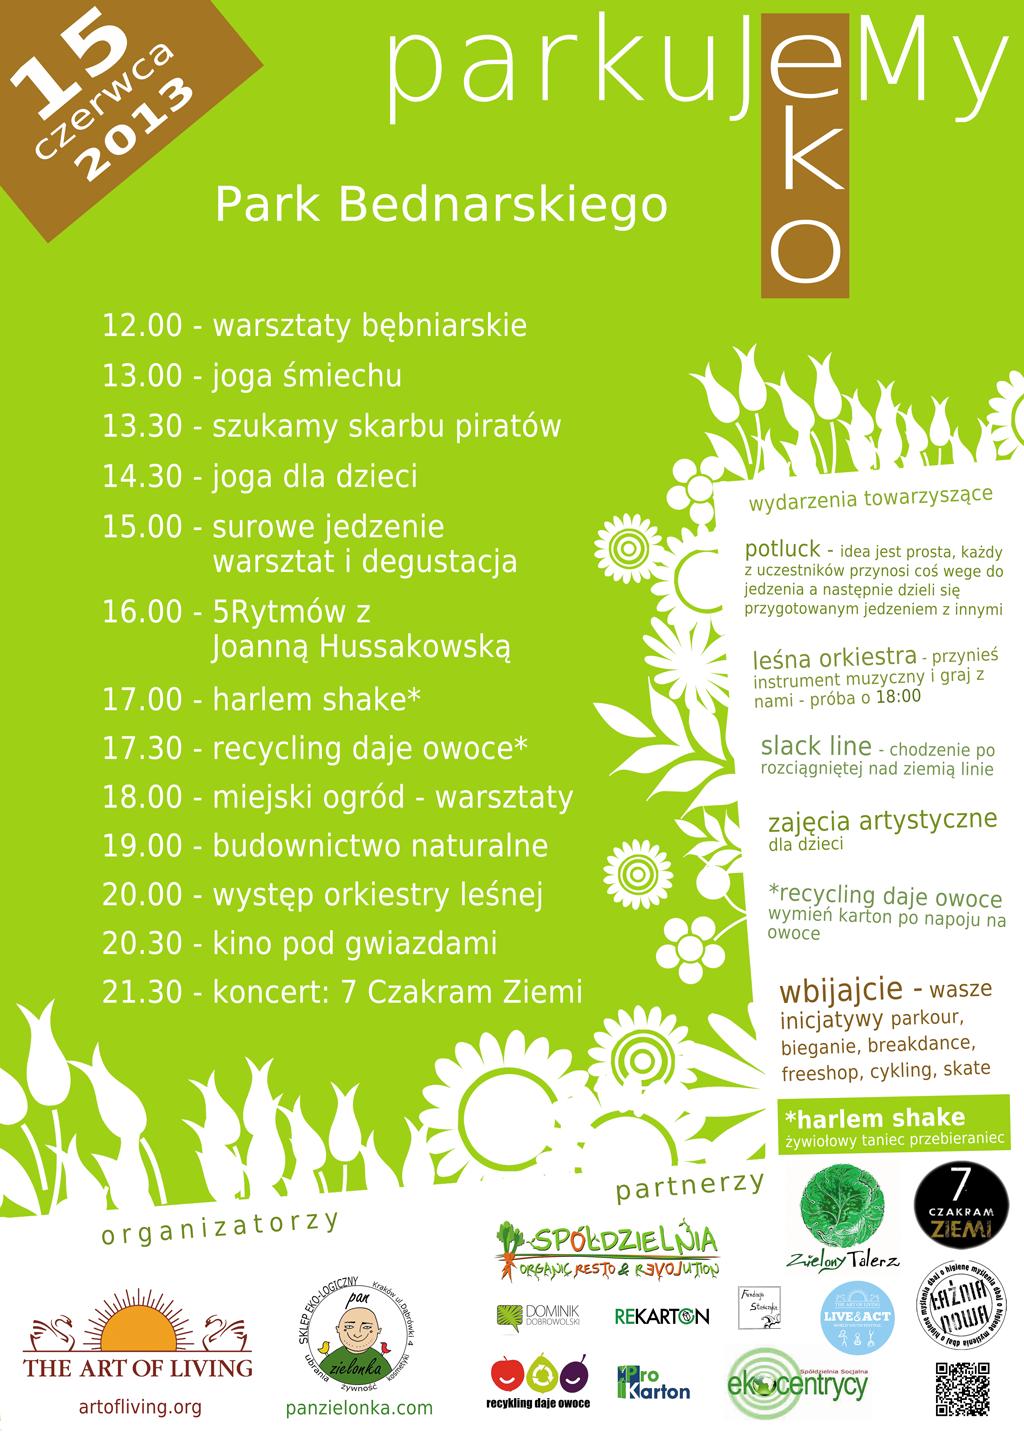 ParkuJeMyEko - 15 czerwca 2013